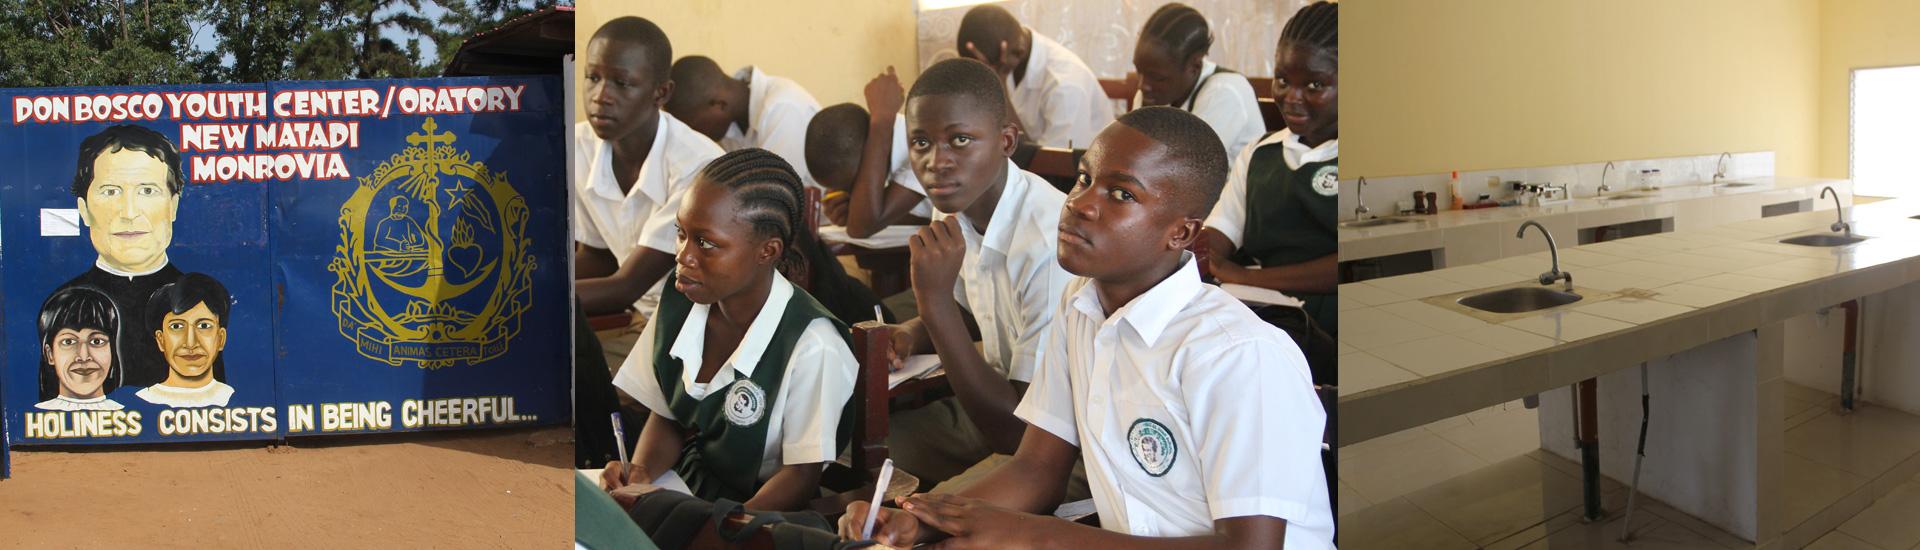 Nuevo laboratorio de ciencias en la escuela salesiana de Monrovia